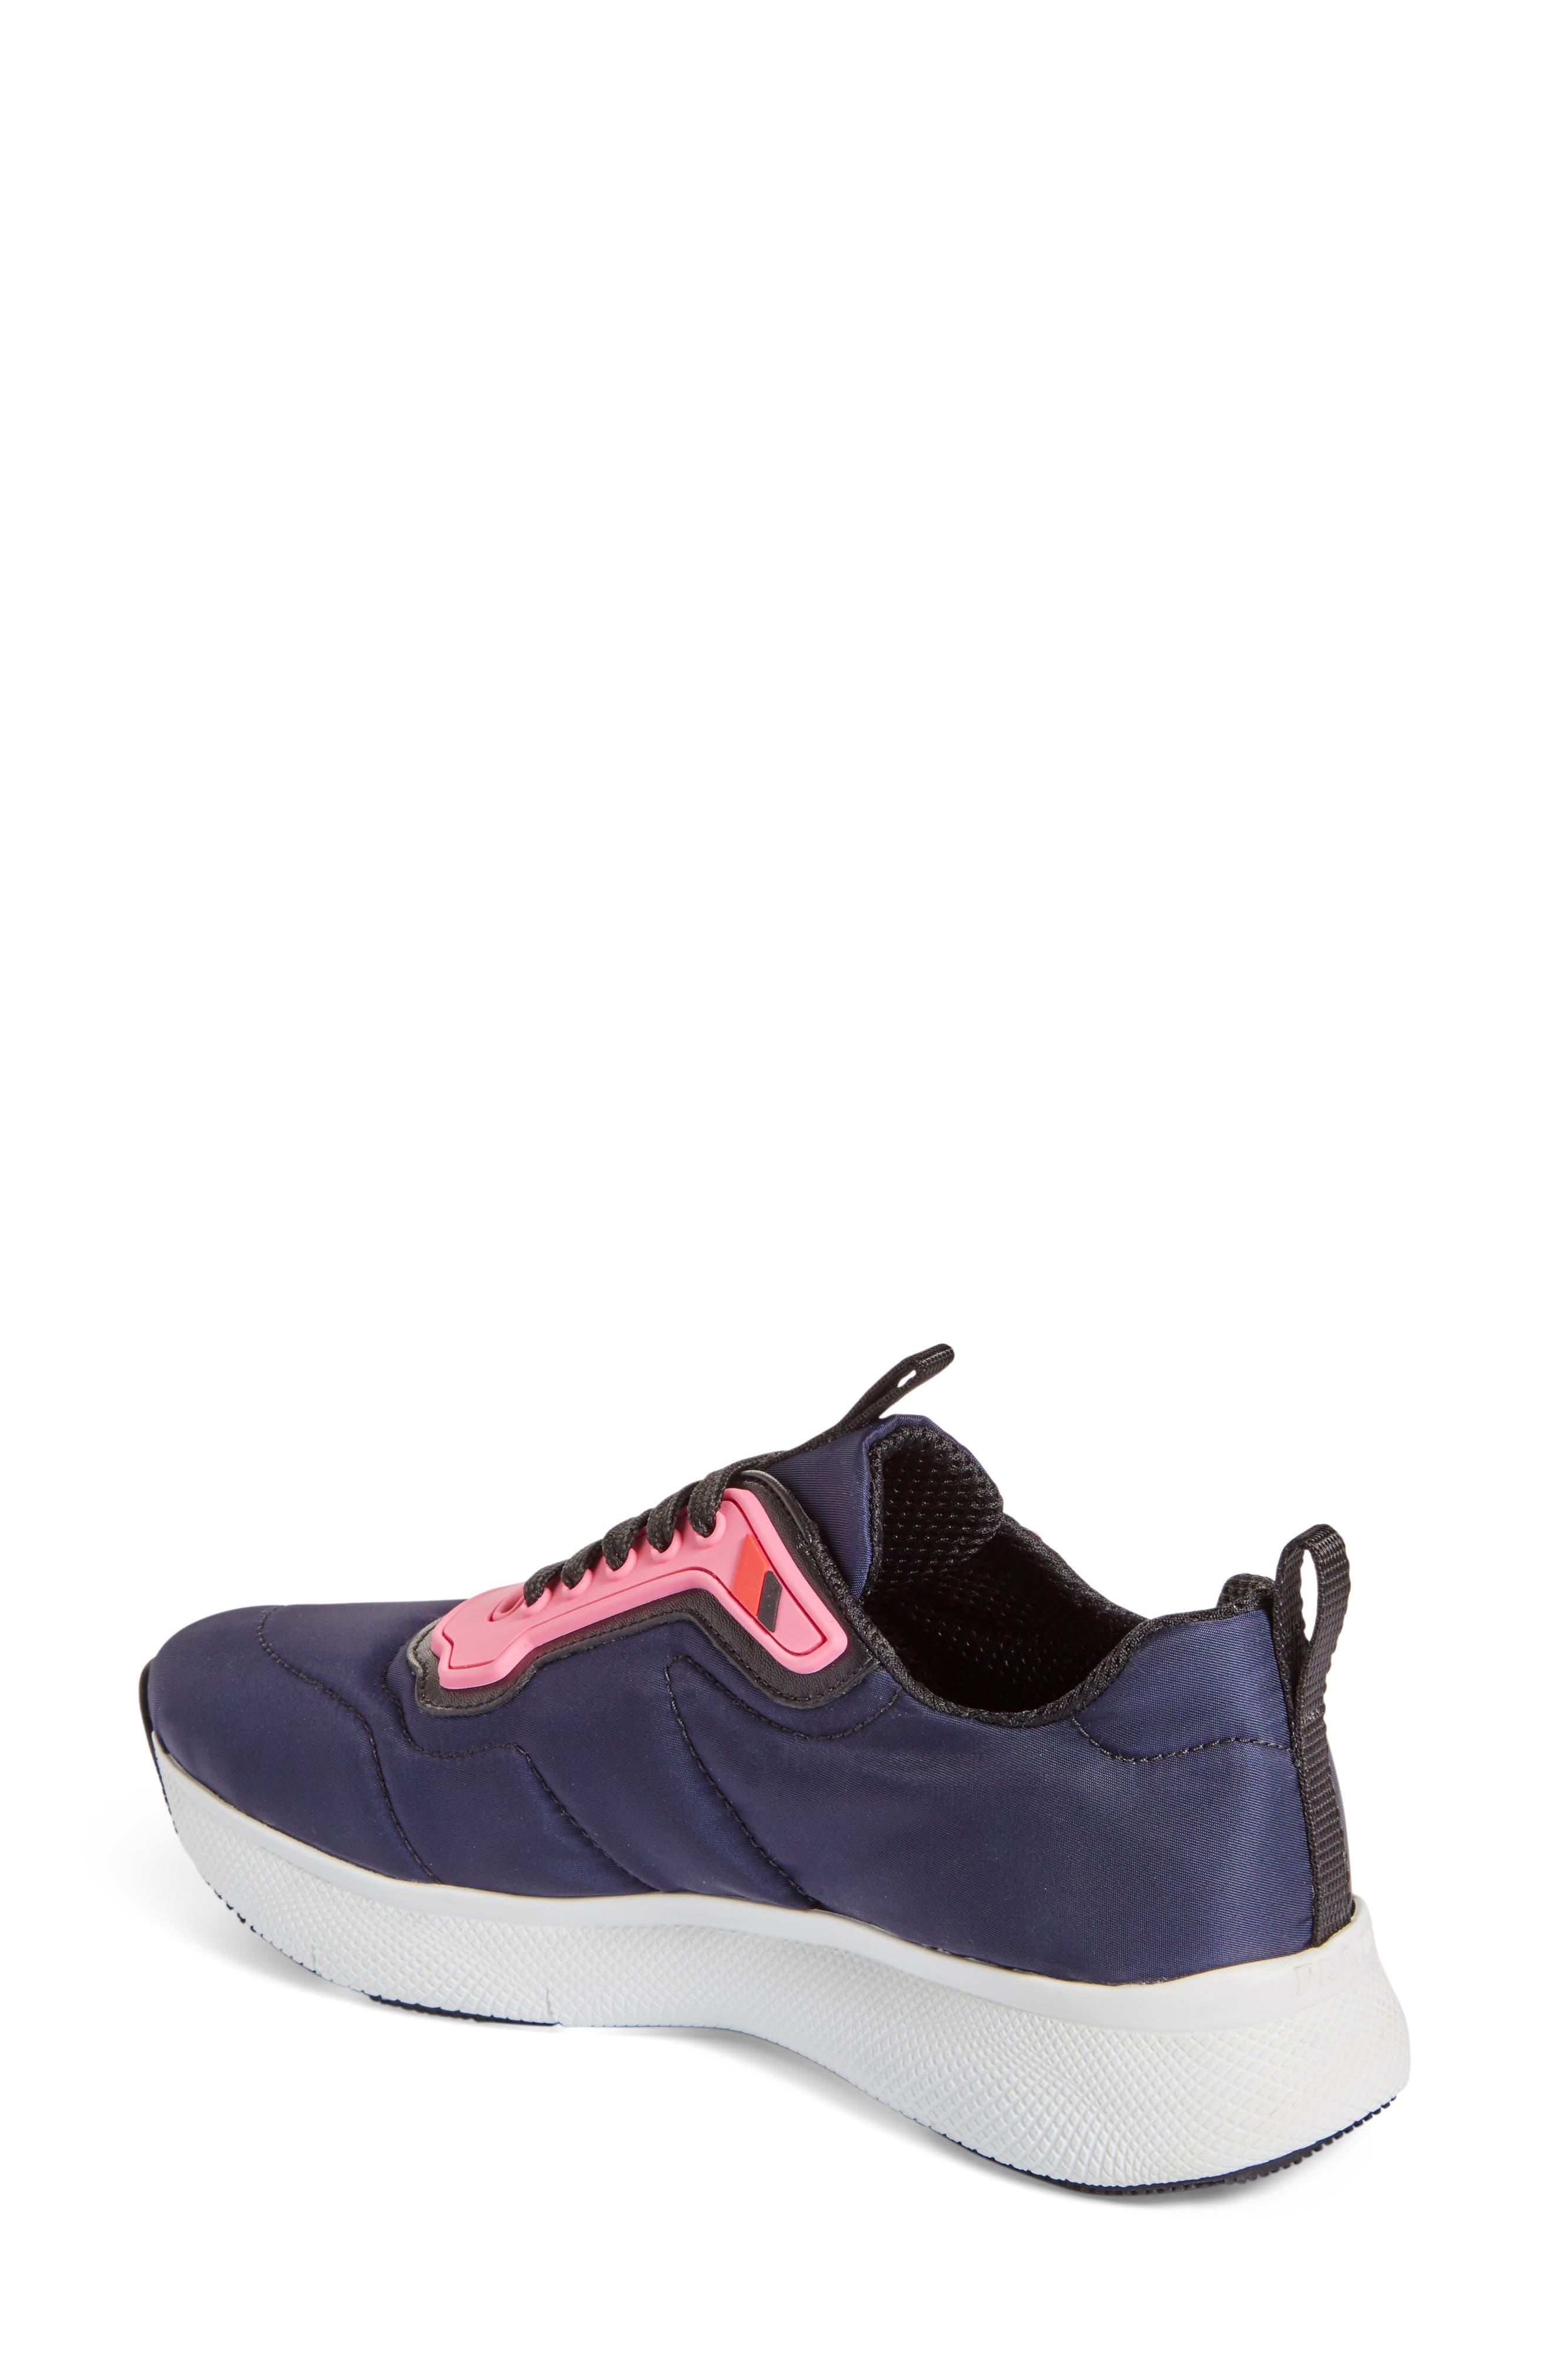 Runner Sneaker,                             Main thumbnail 1, color,                             002